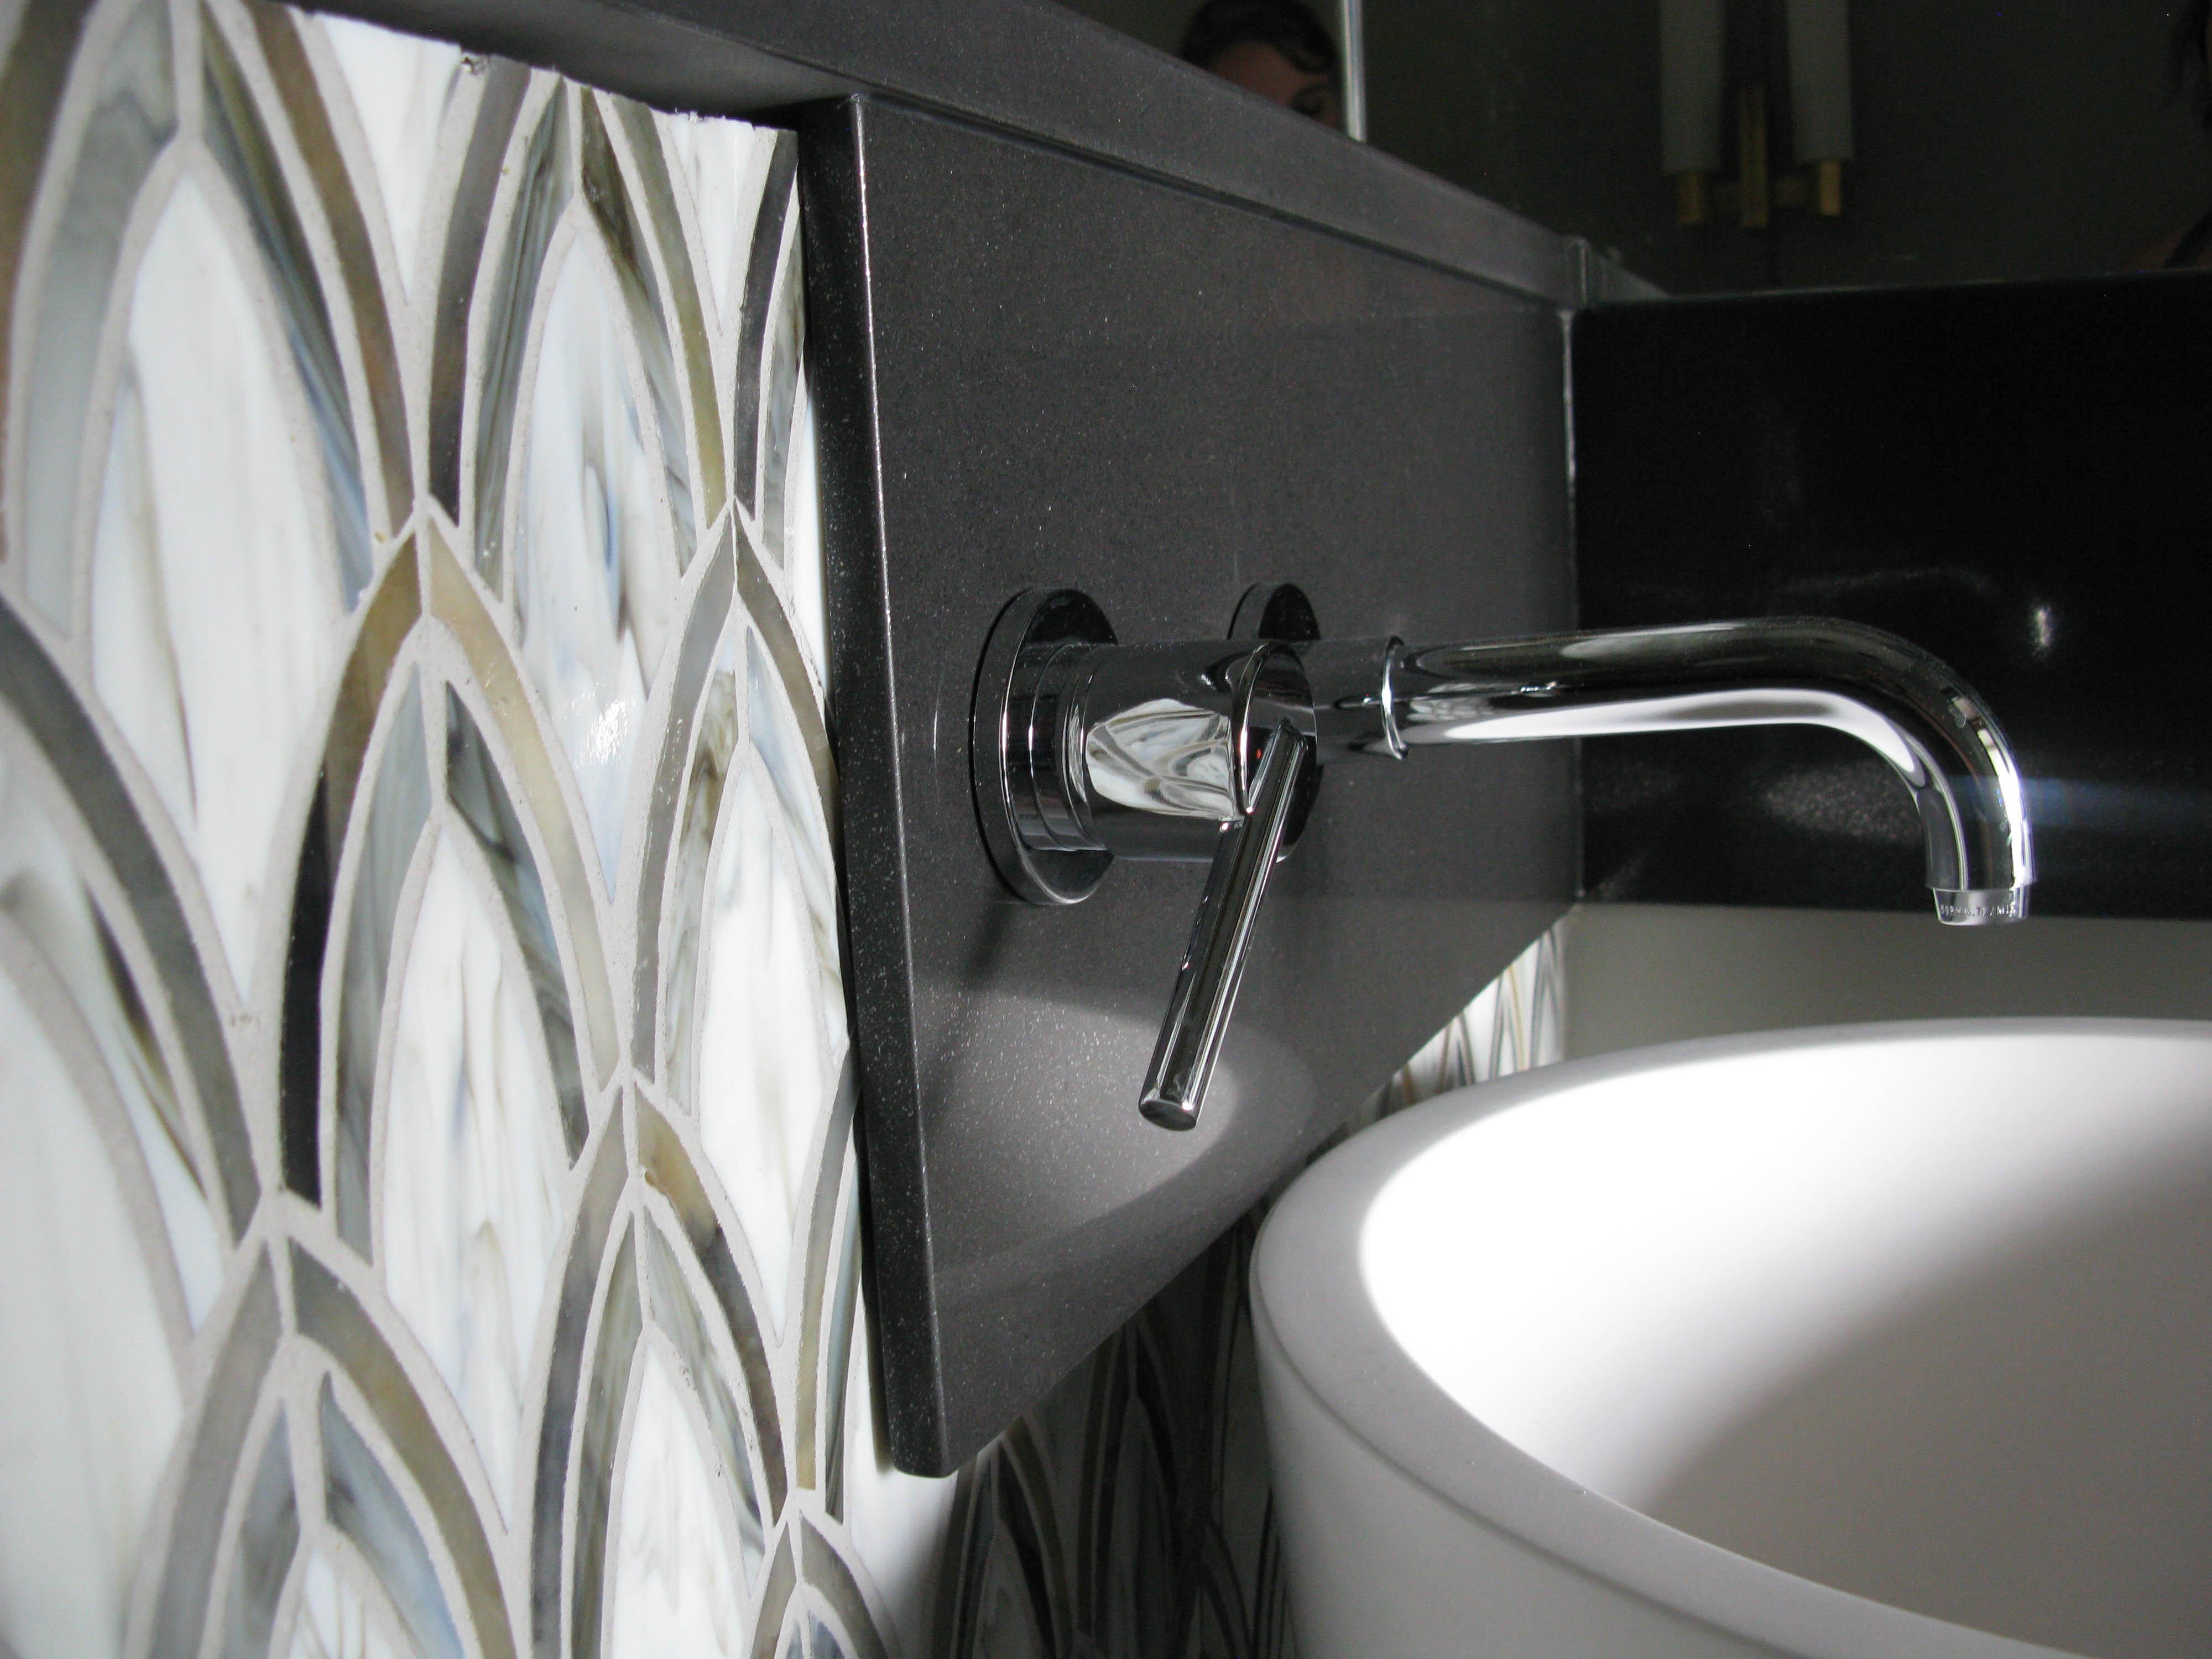 Faucet, Tile Detail